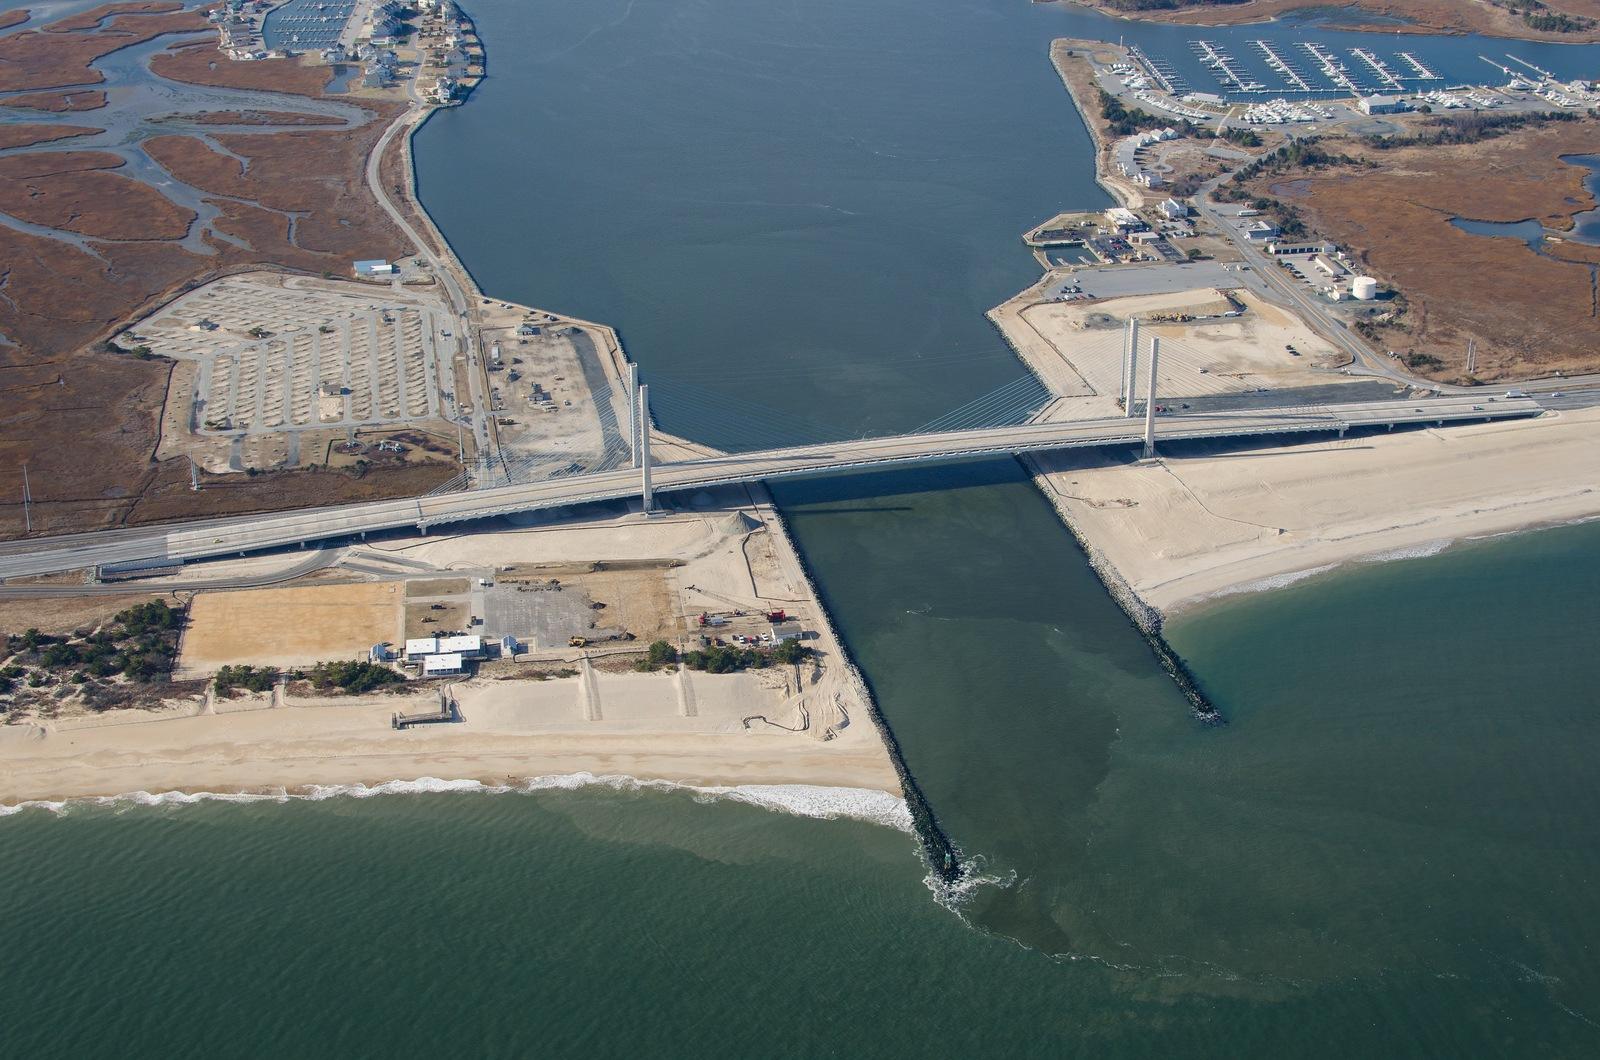 Indian_River_Inlet_Bridge_Aerial.jpg.3e1b2a639bdf7c07f2e29d49842988c7.jpg